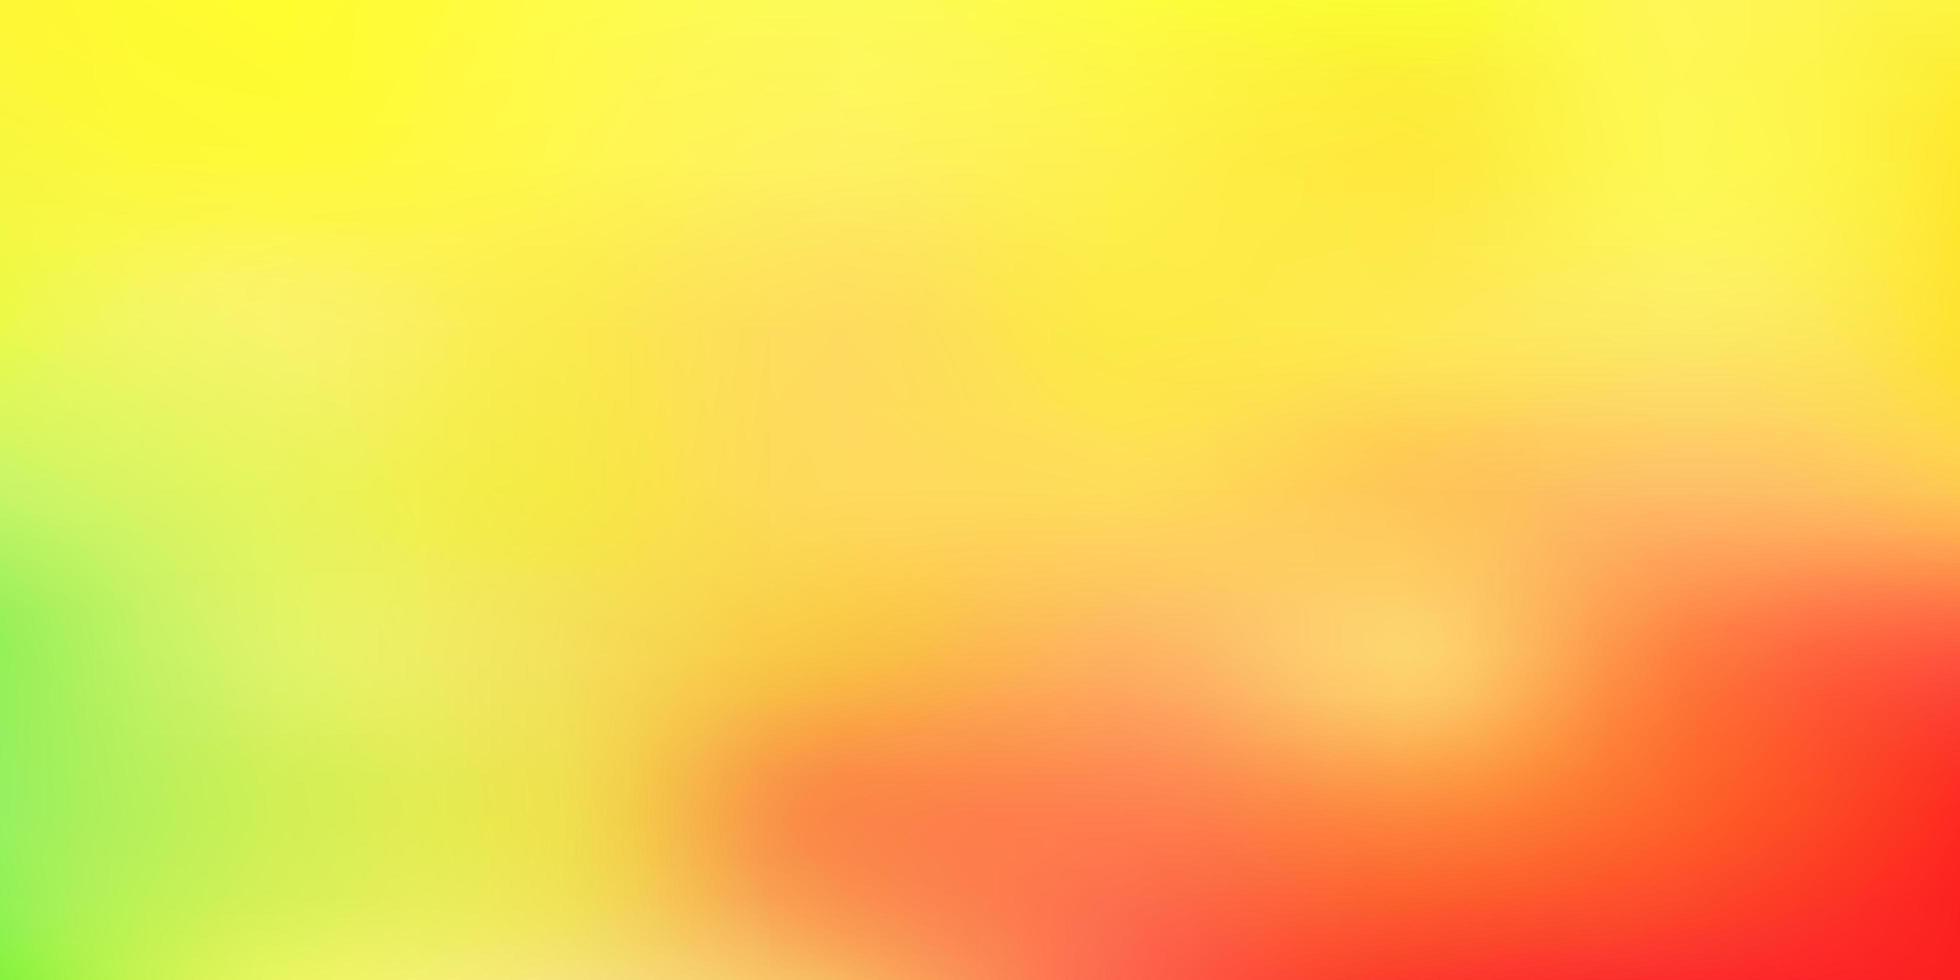 modello di sfocatura vettoriale rosso chiaro, giallo.